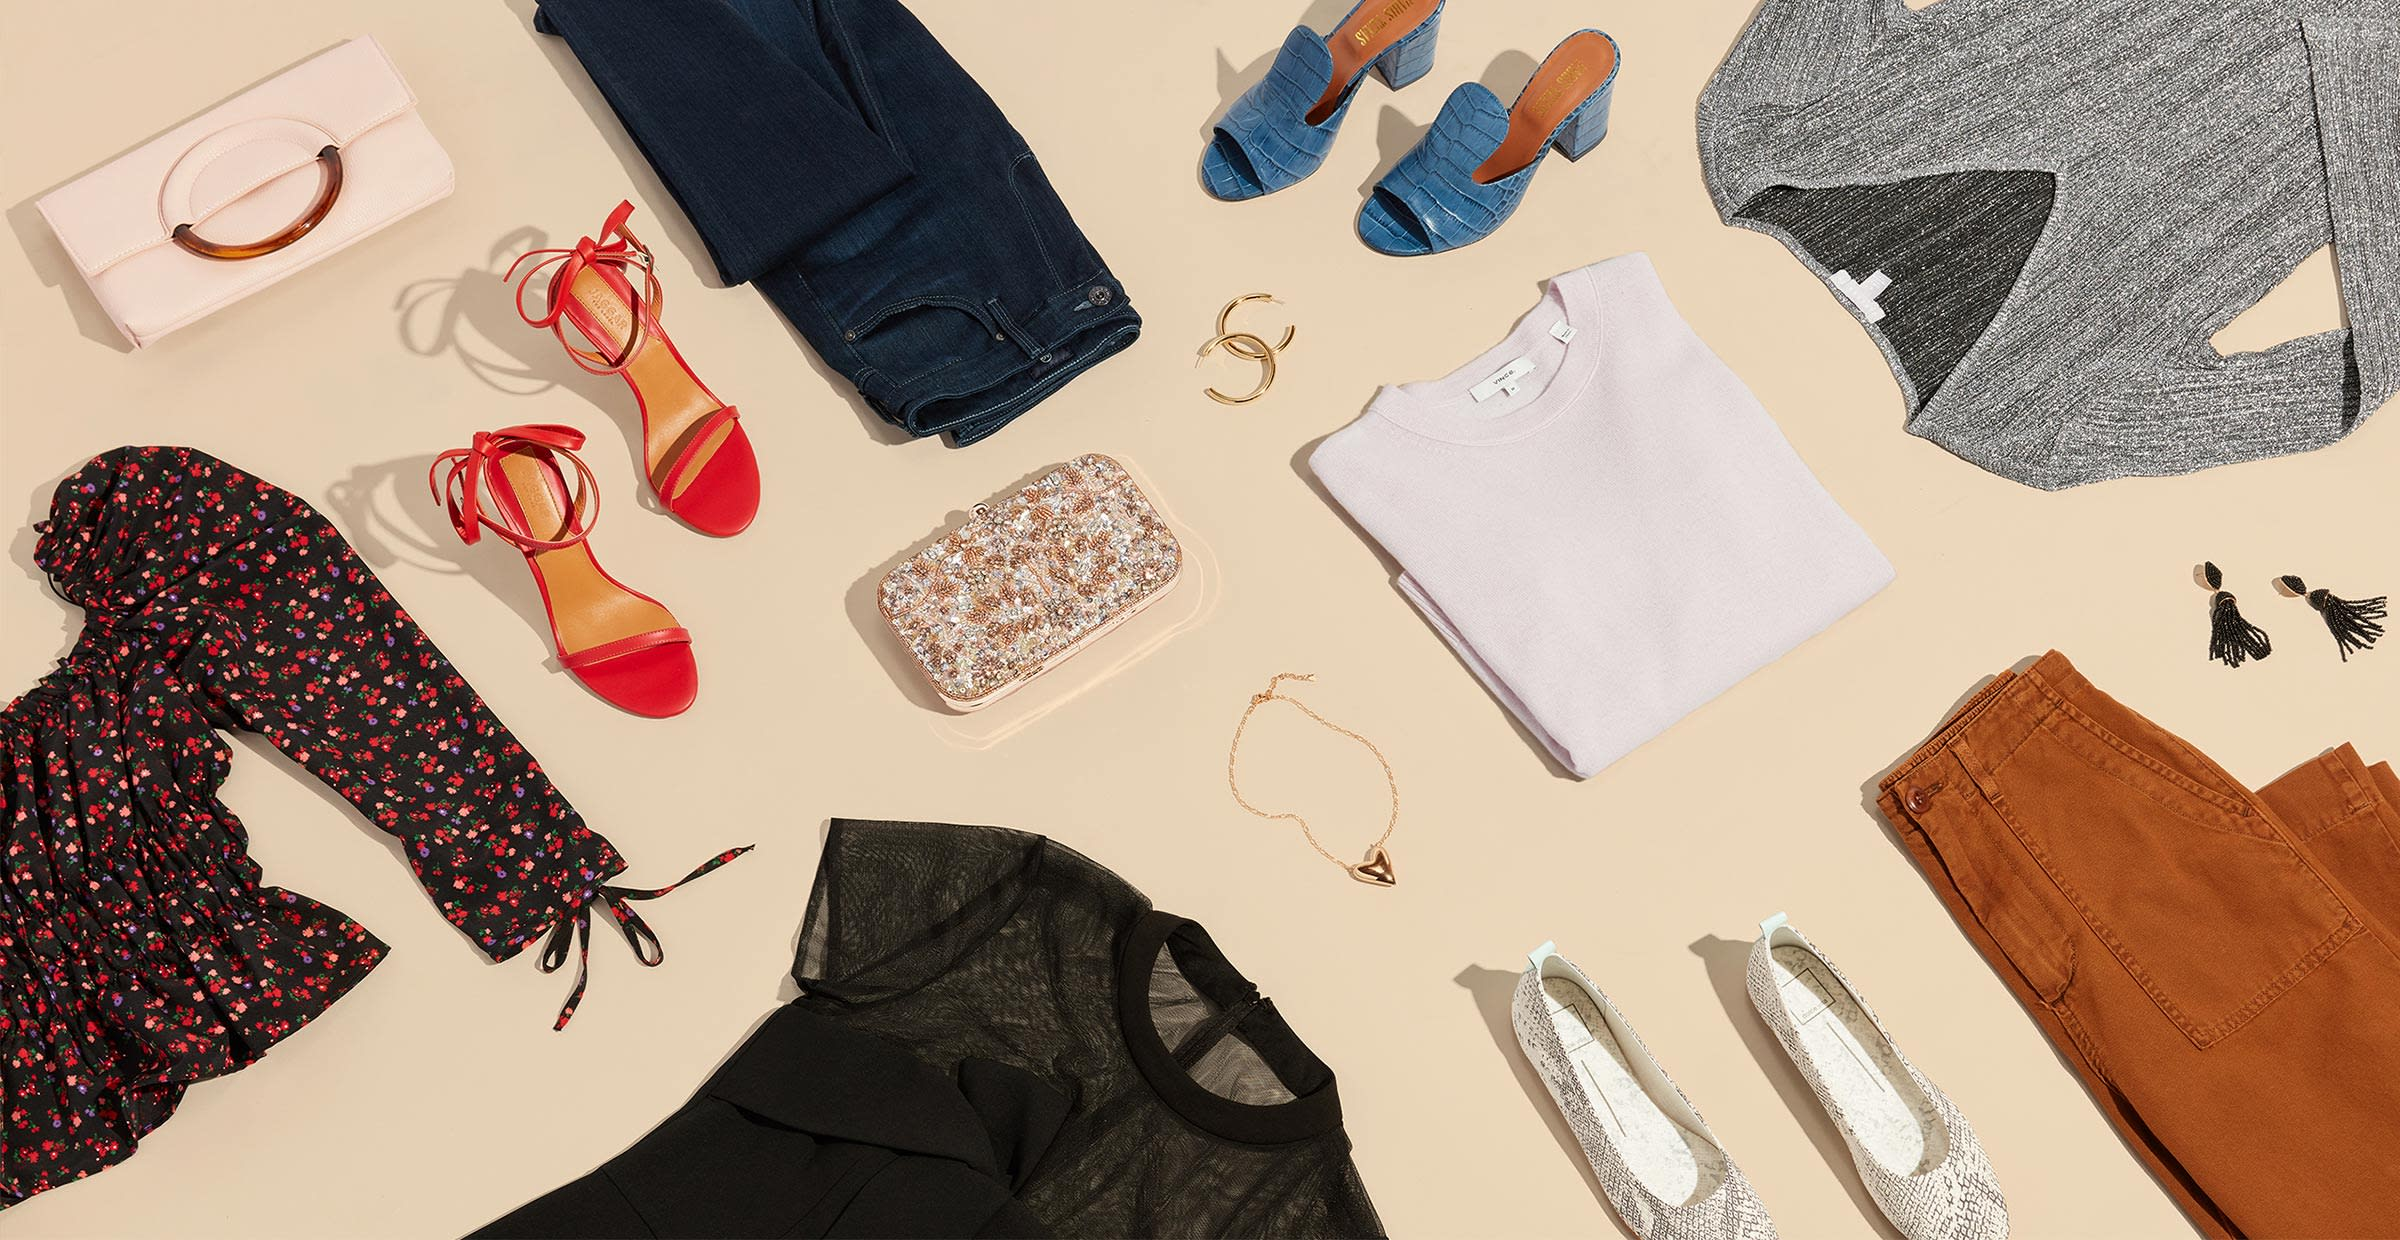 Women's dresses, blouse, pants, shoes, and purses